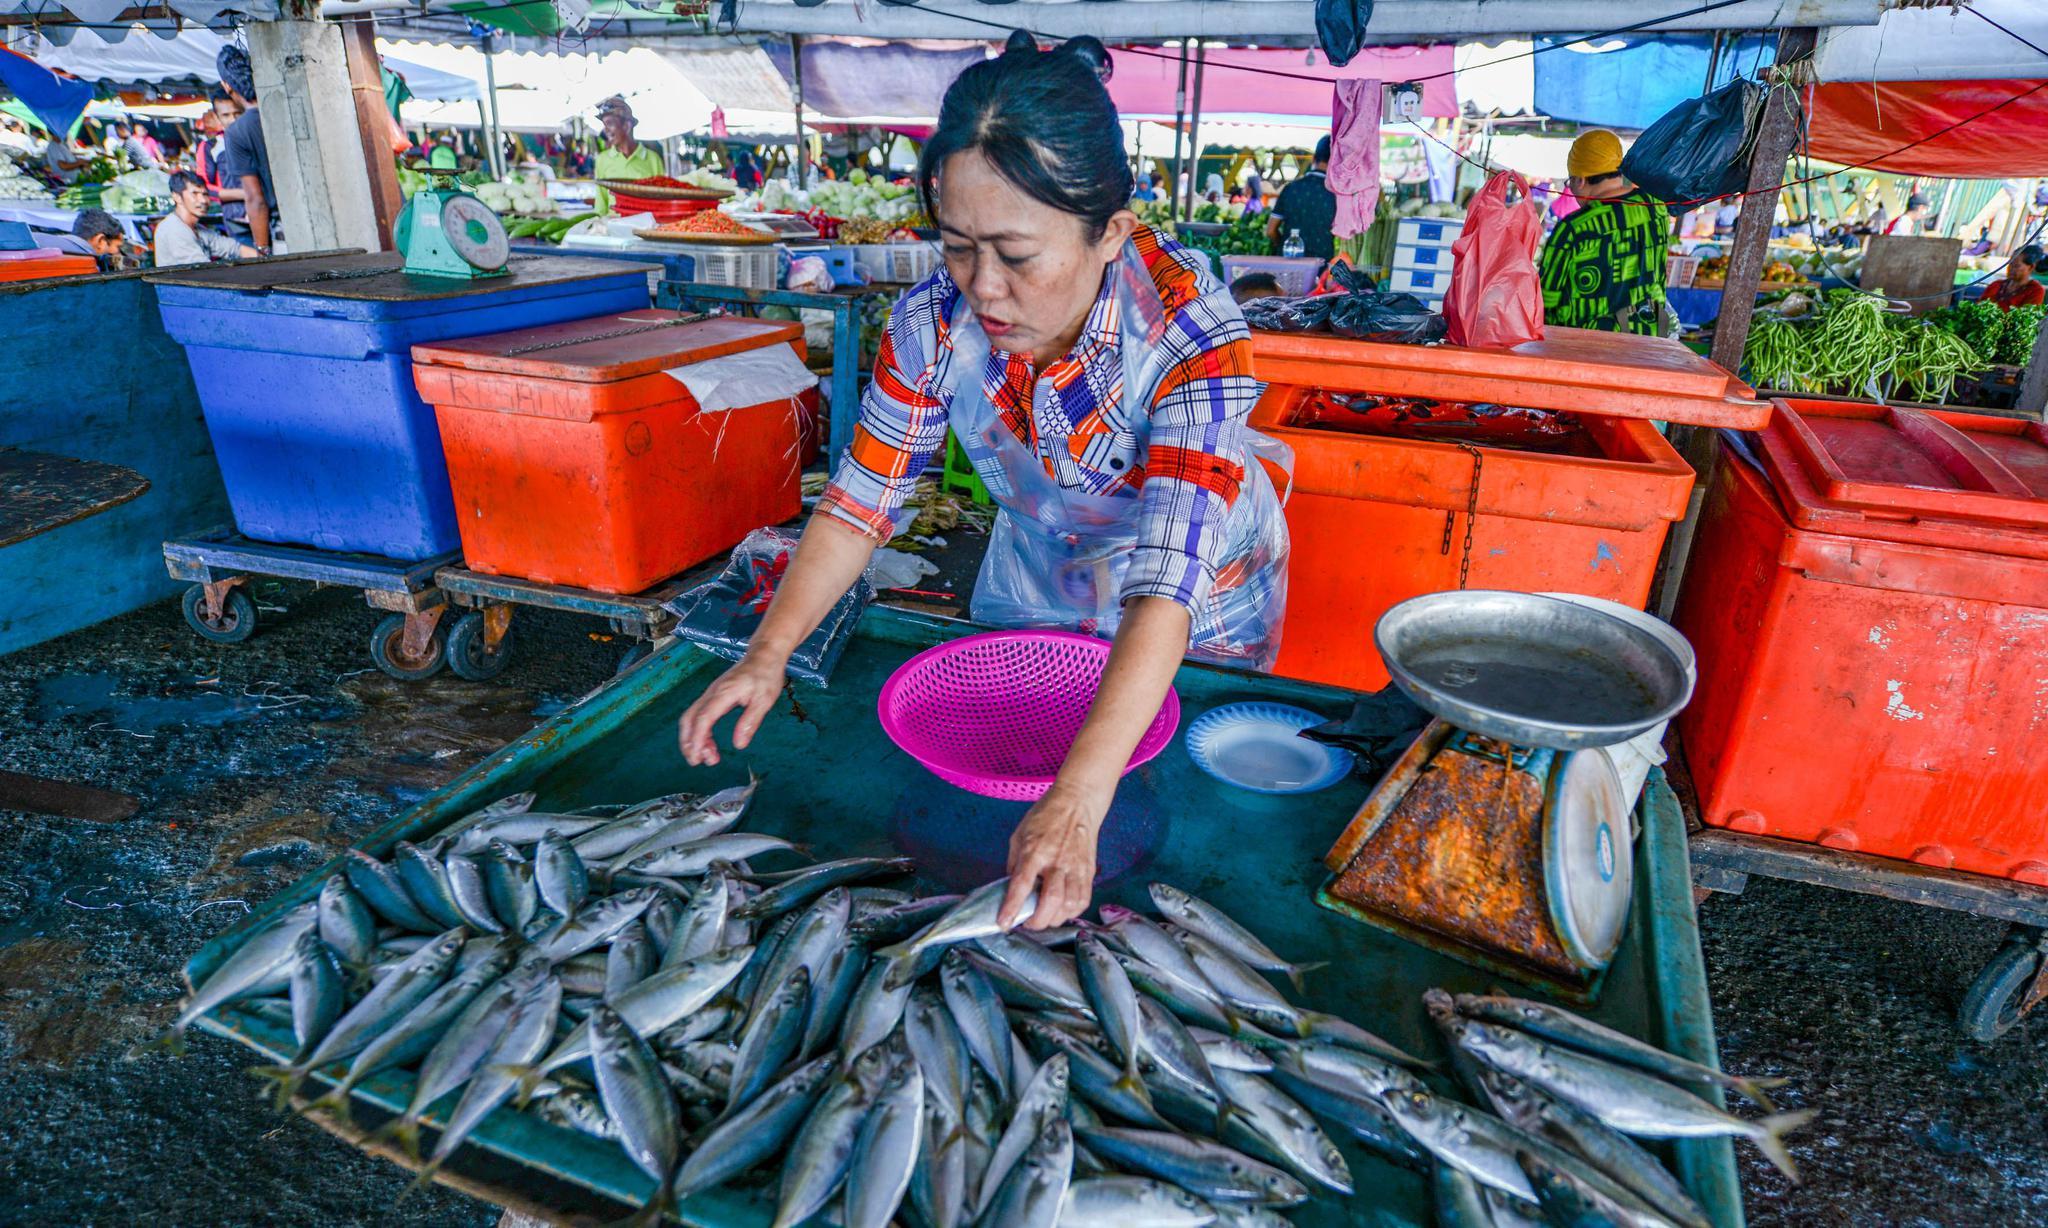 游马来西亚沙巴,像当地人一样逛鱼市,海产物美价廉令人羡慕